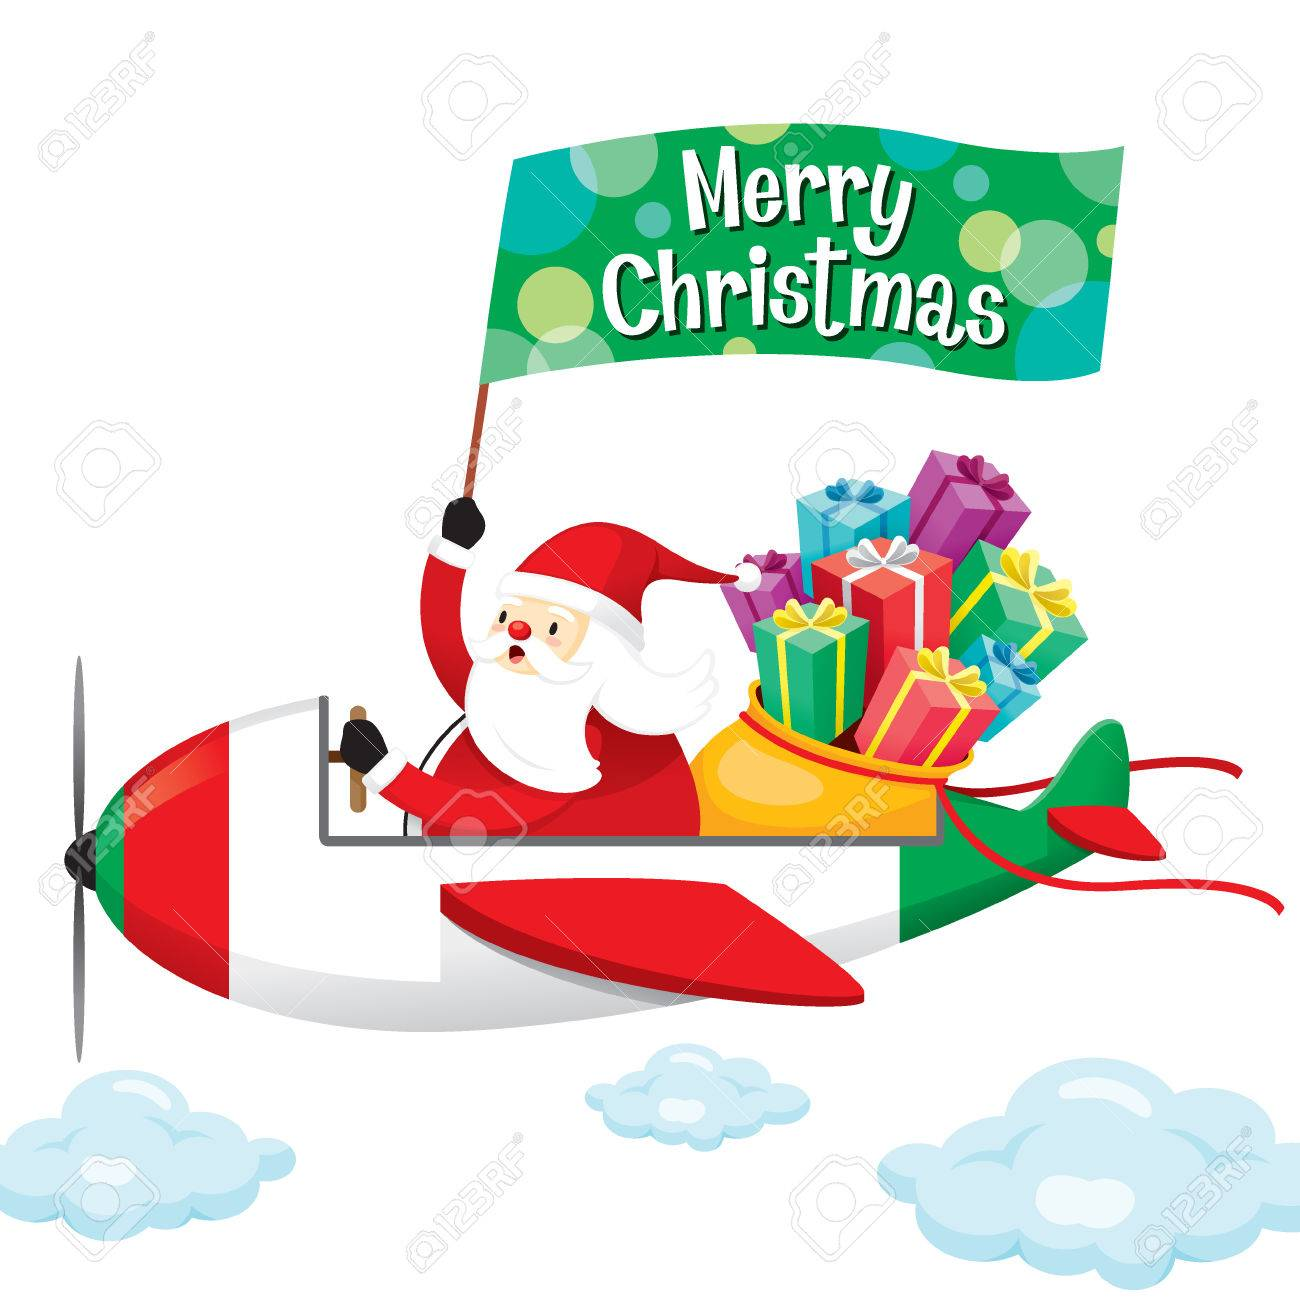 Frohe Weihnachten Flugzeug.Stock Photo